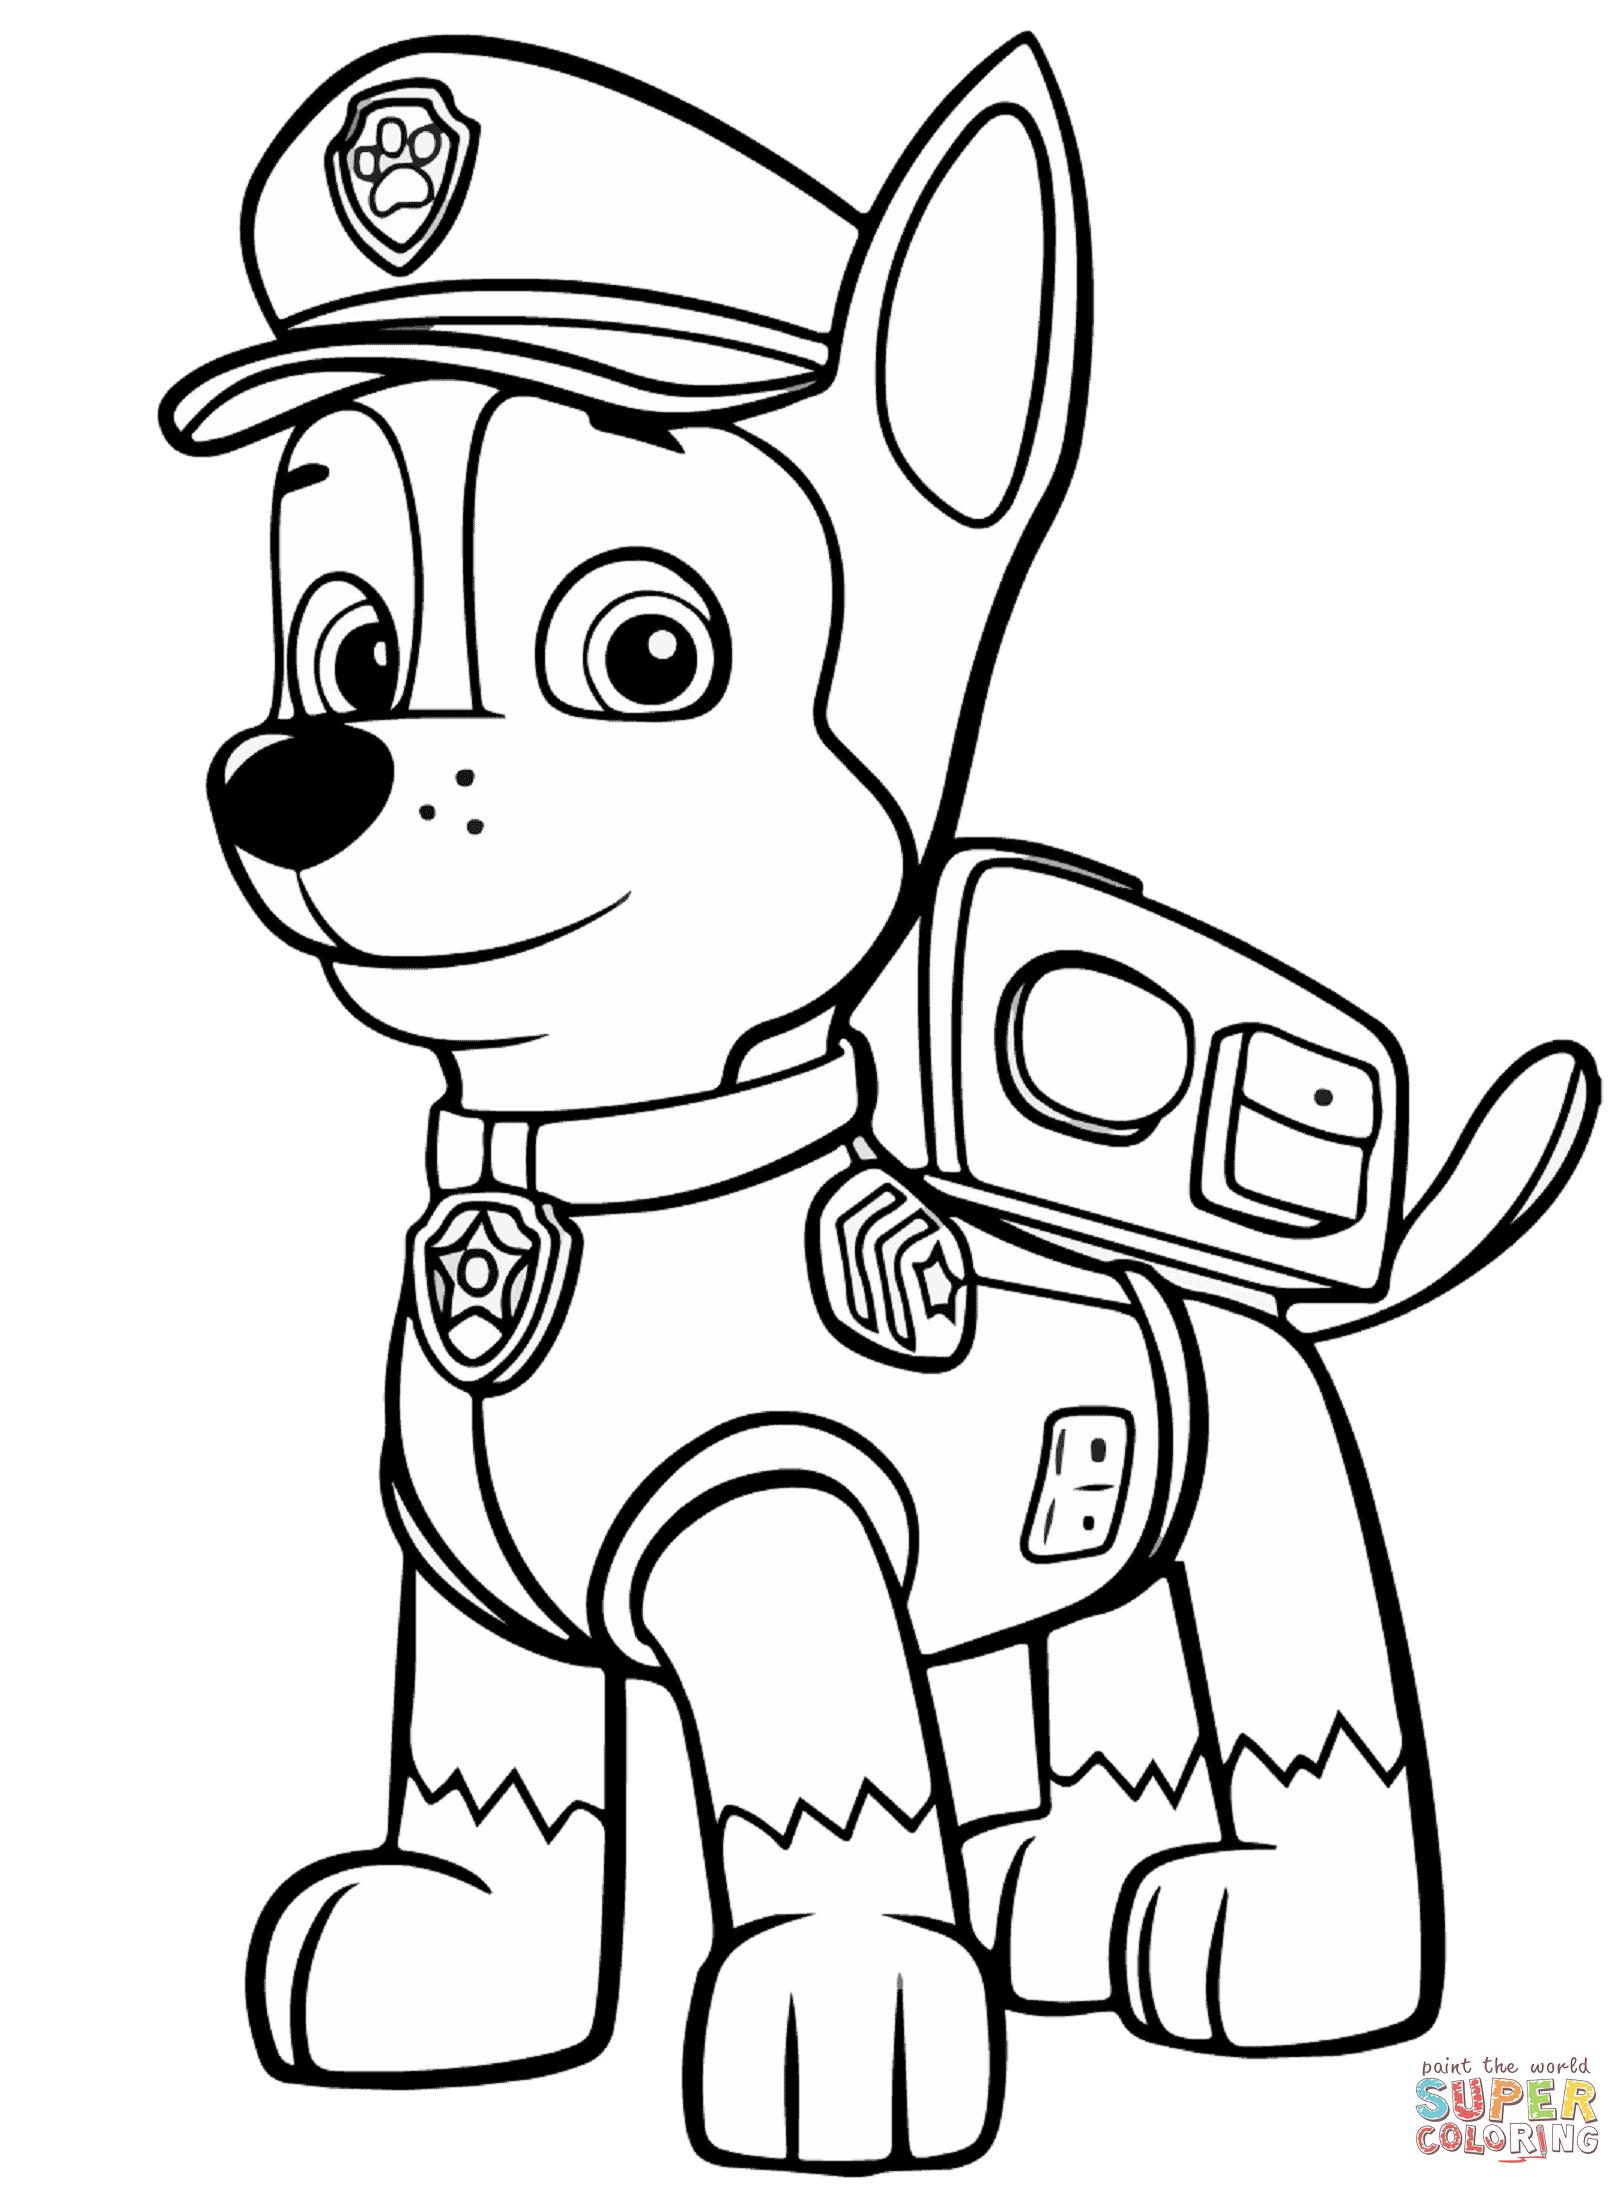 Paw patrol coloring, Paw patrol coloring pages, Chase paw patrol